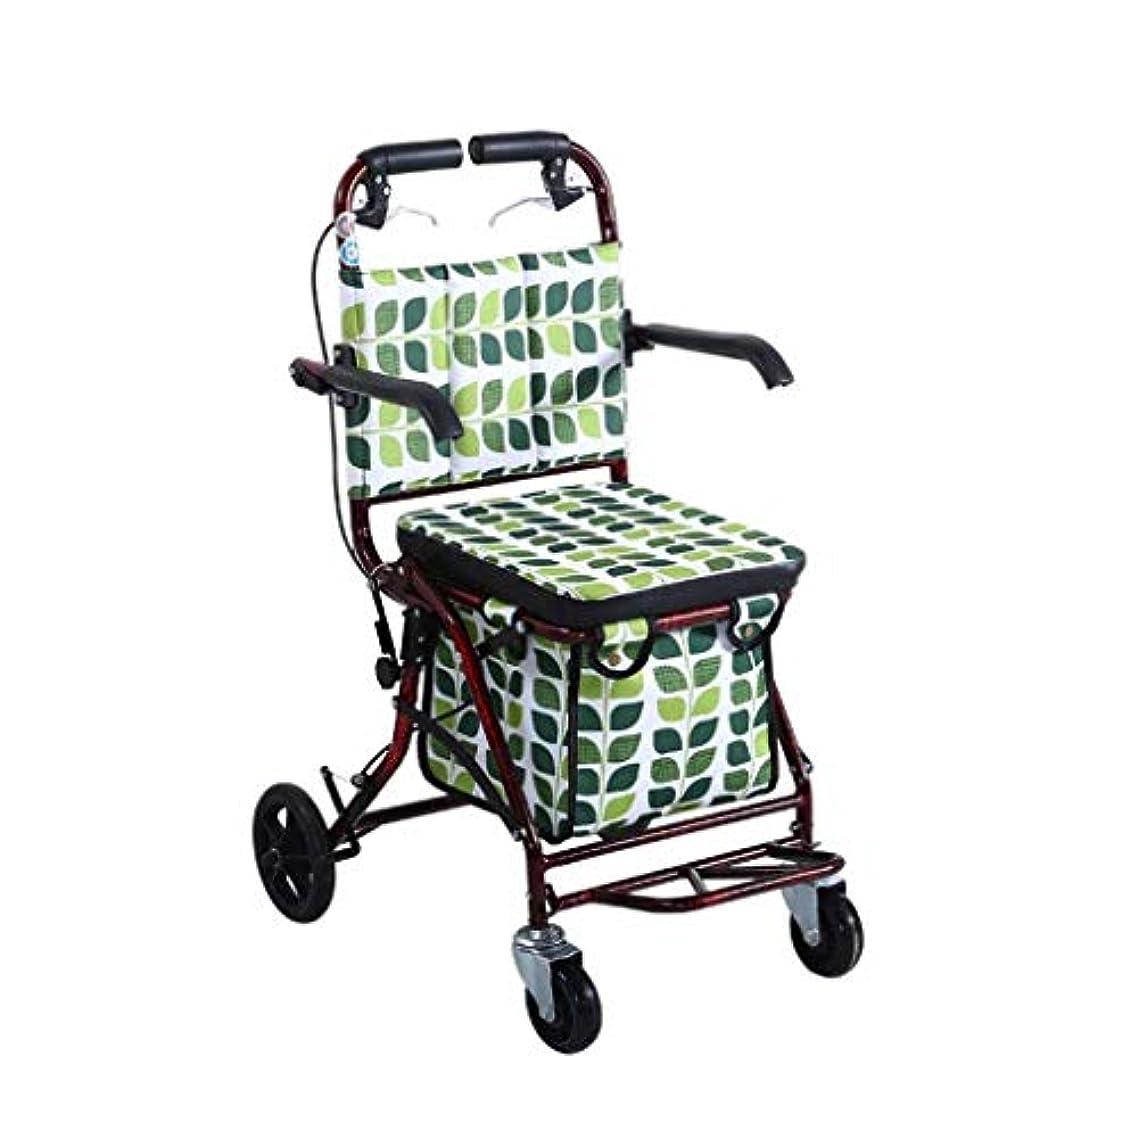 外出ダンプ入植者ショッピングトロリー、老人ポータブル四輪歩行者は、背もたれ、パッド入りシート、フットレスト付きの折りたたみ車椅子に乗る